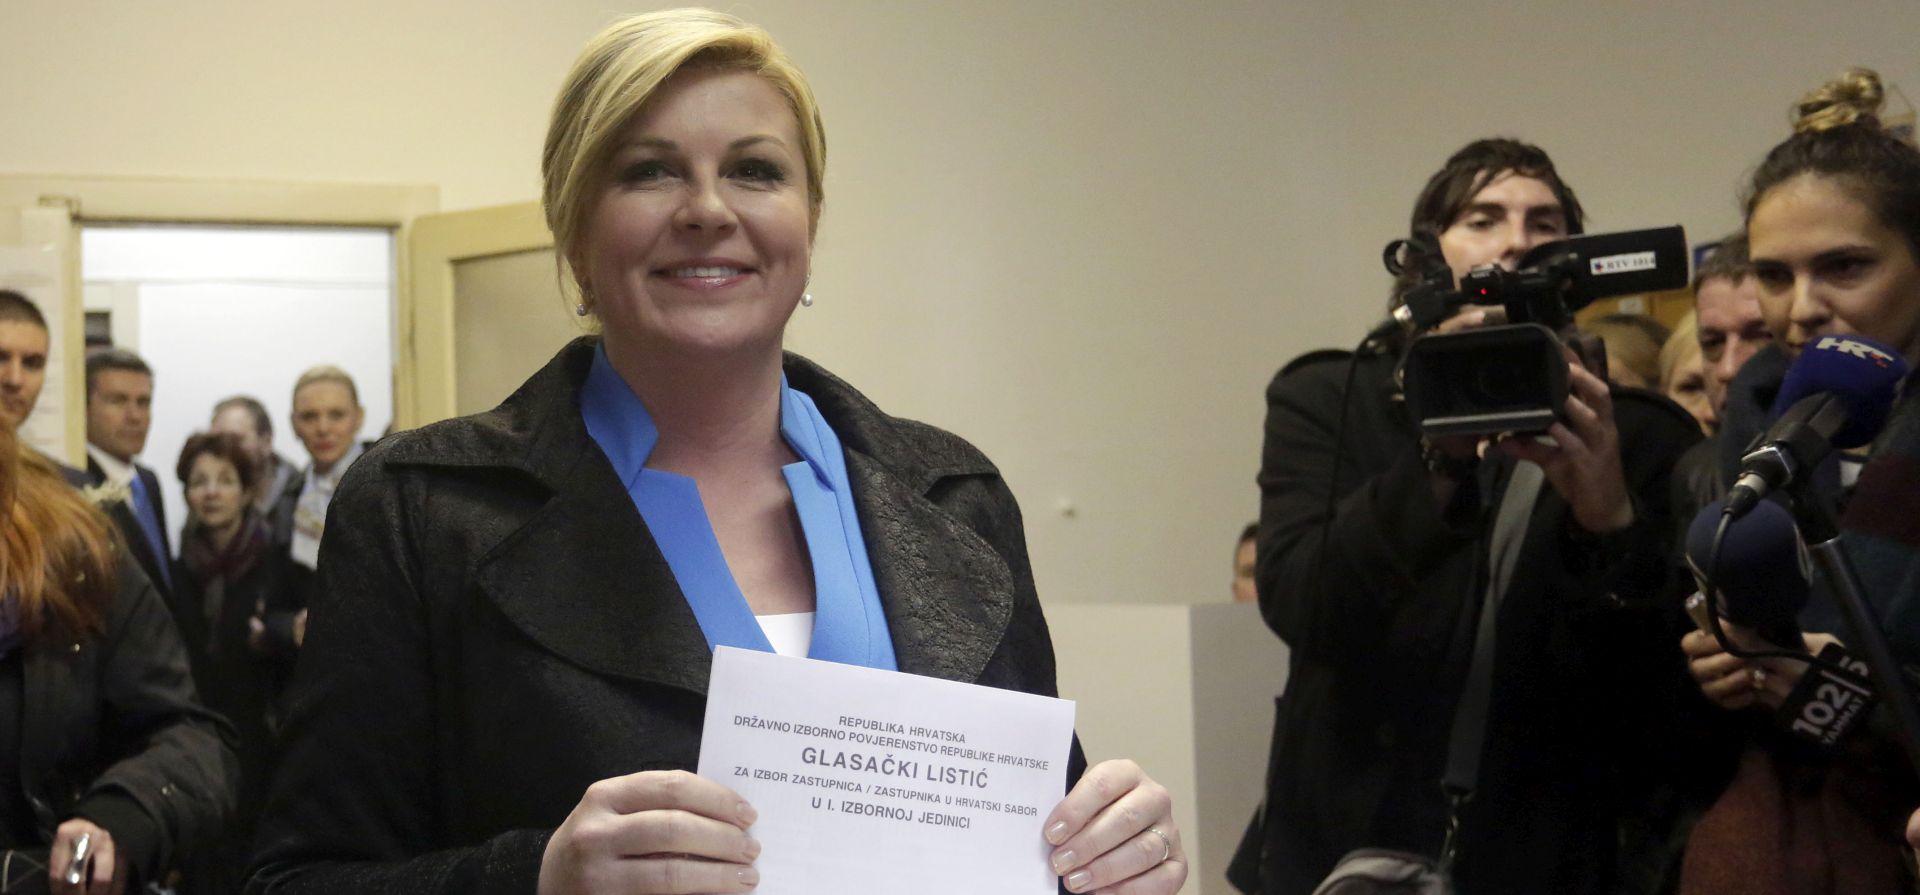 IZBORI 2015. : Predsjednica Grabar -Kitarović glasovala na izborima